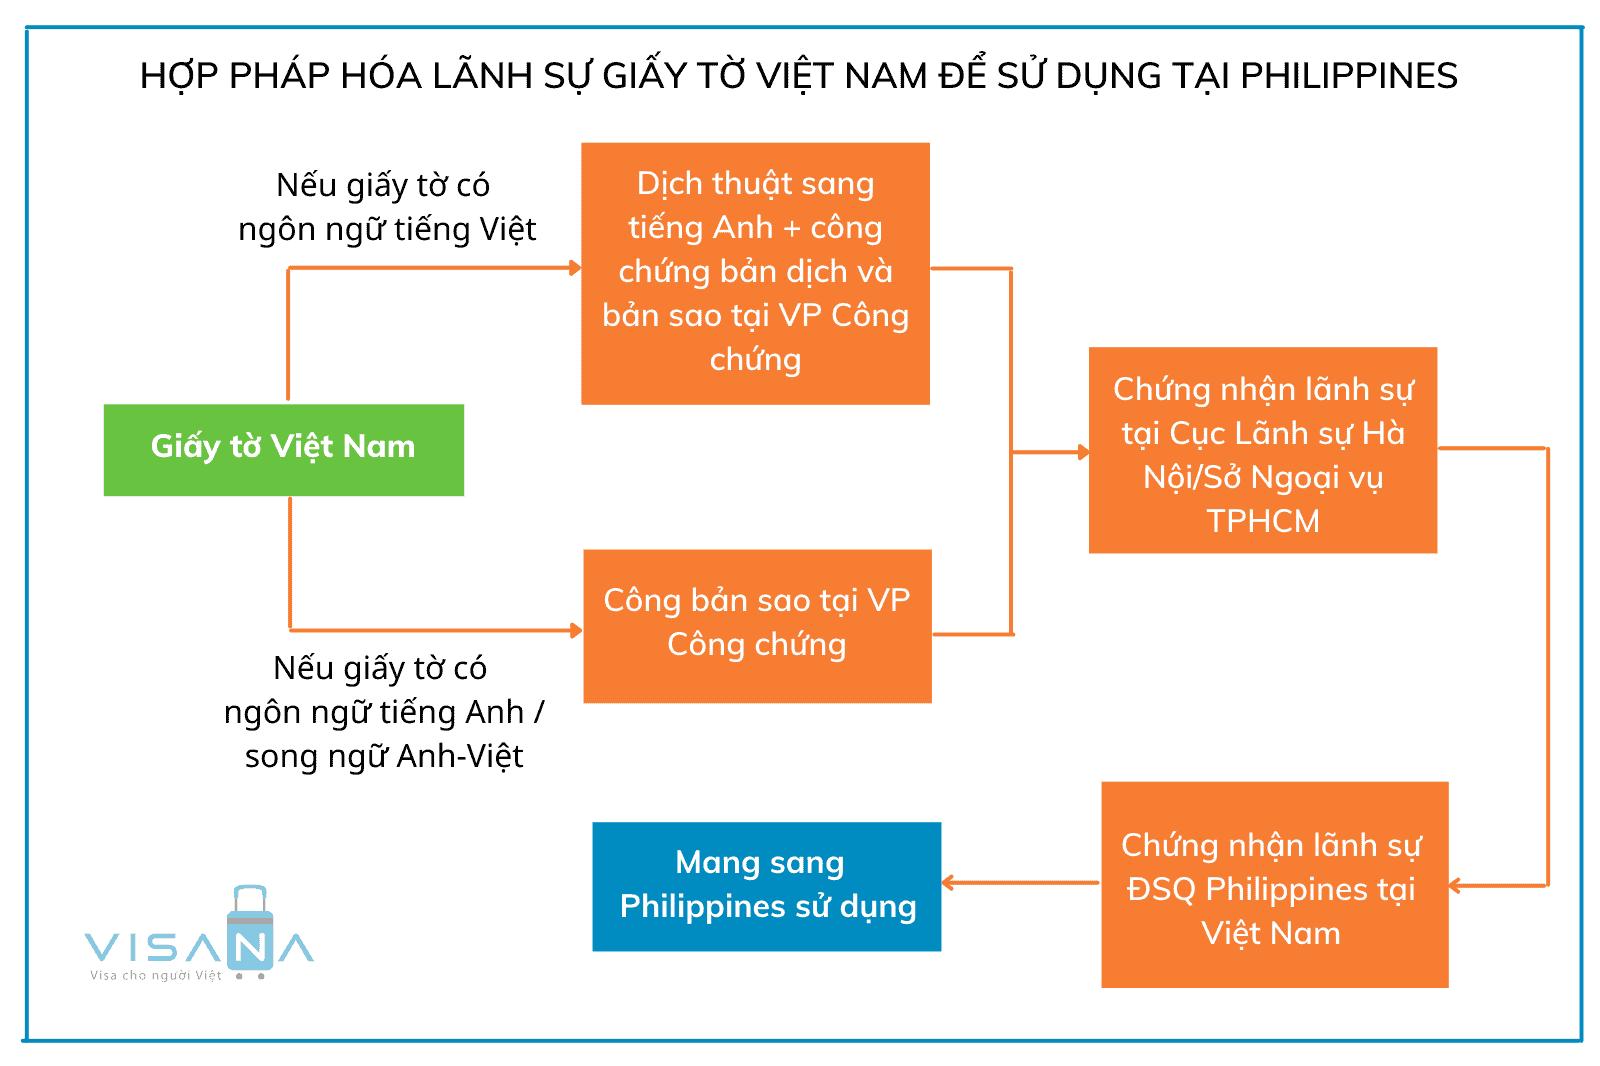 Thủ tục hợp pháp hóa lãnh sự giấy tờ Việt Nam sử dụng tại Philippines